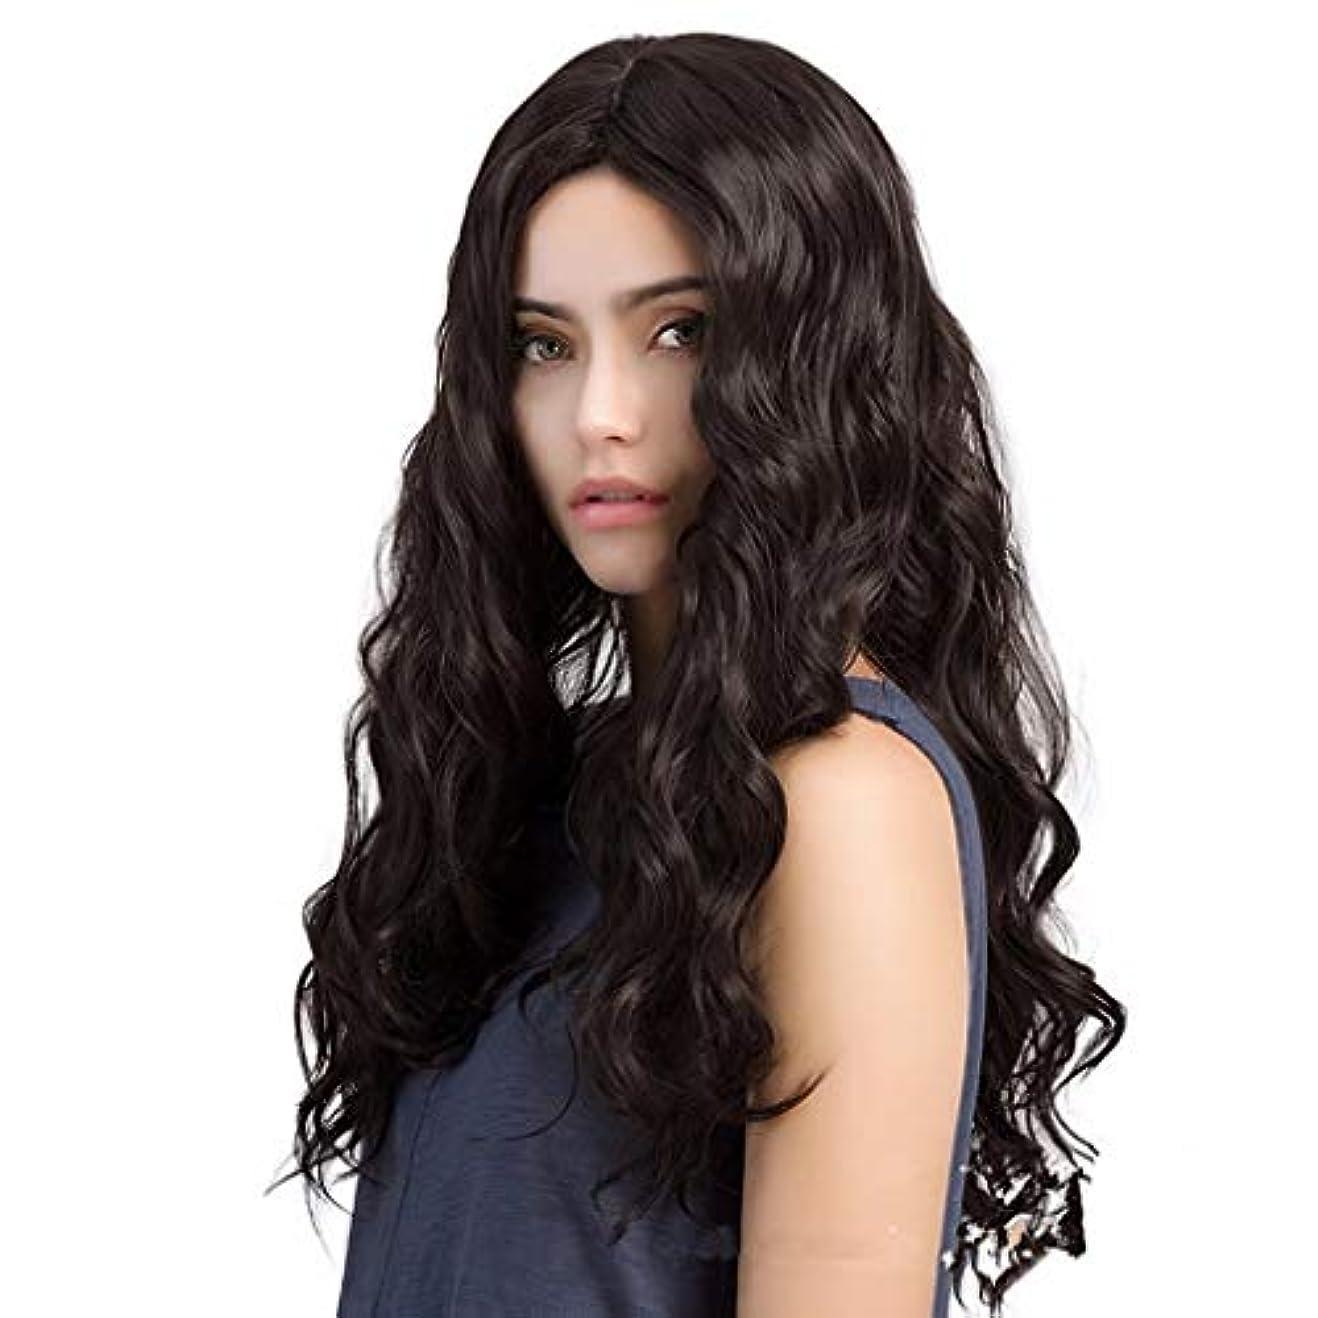 世界的に手がかり原子かつらヨーロッパとアメリカの女性の長い巻き毛の大きな波シミュレーションヘアアクセサリーファッション高温シルクウィッグ28インチ